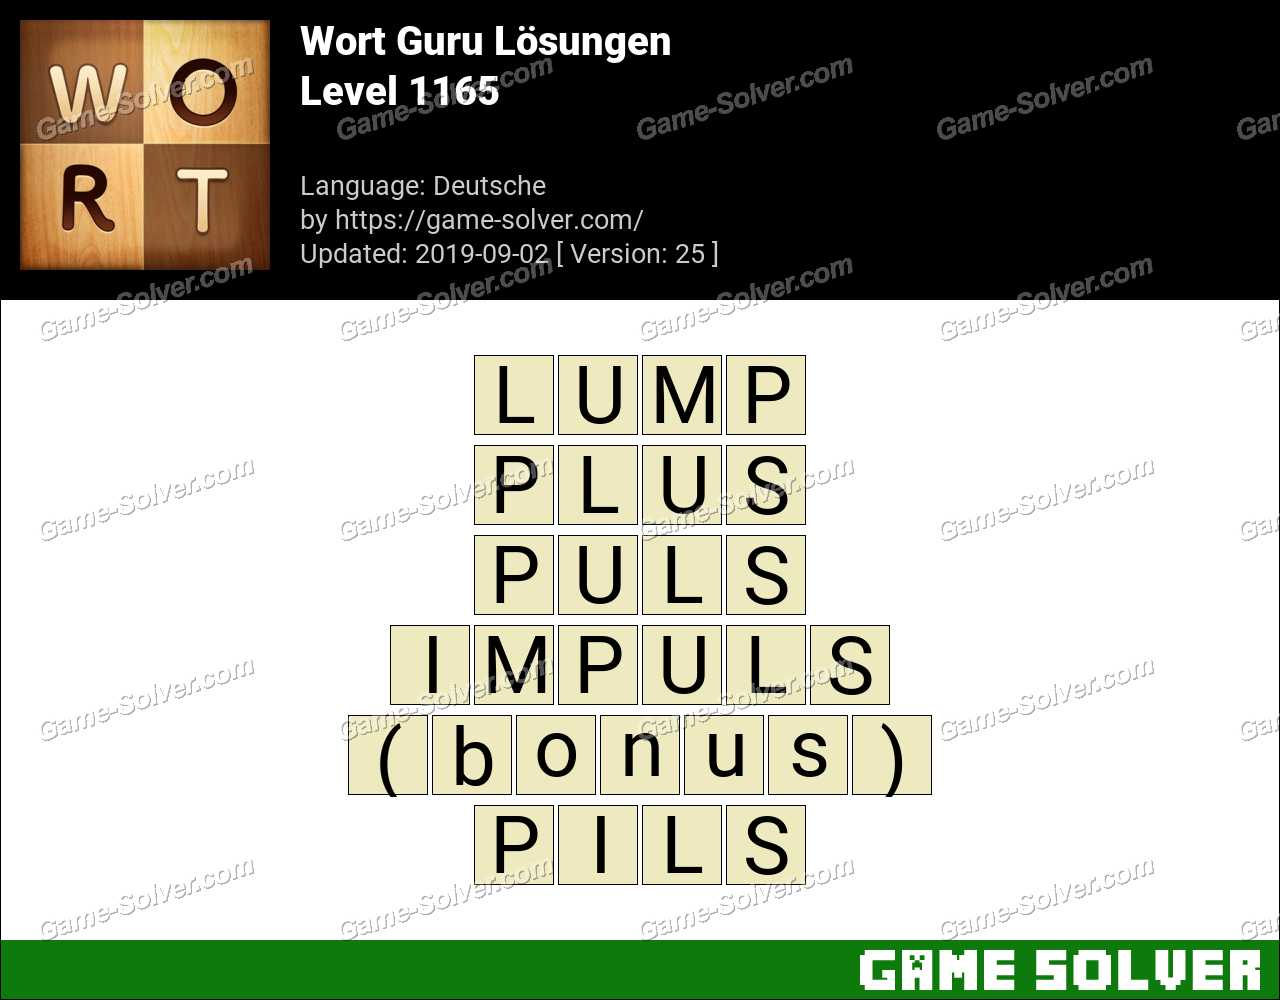 Wort Guru Level 1165 Lösungen